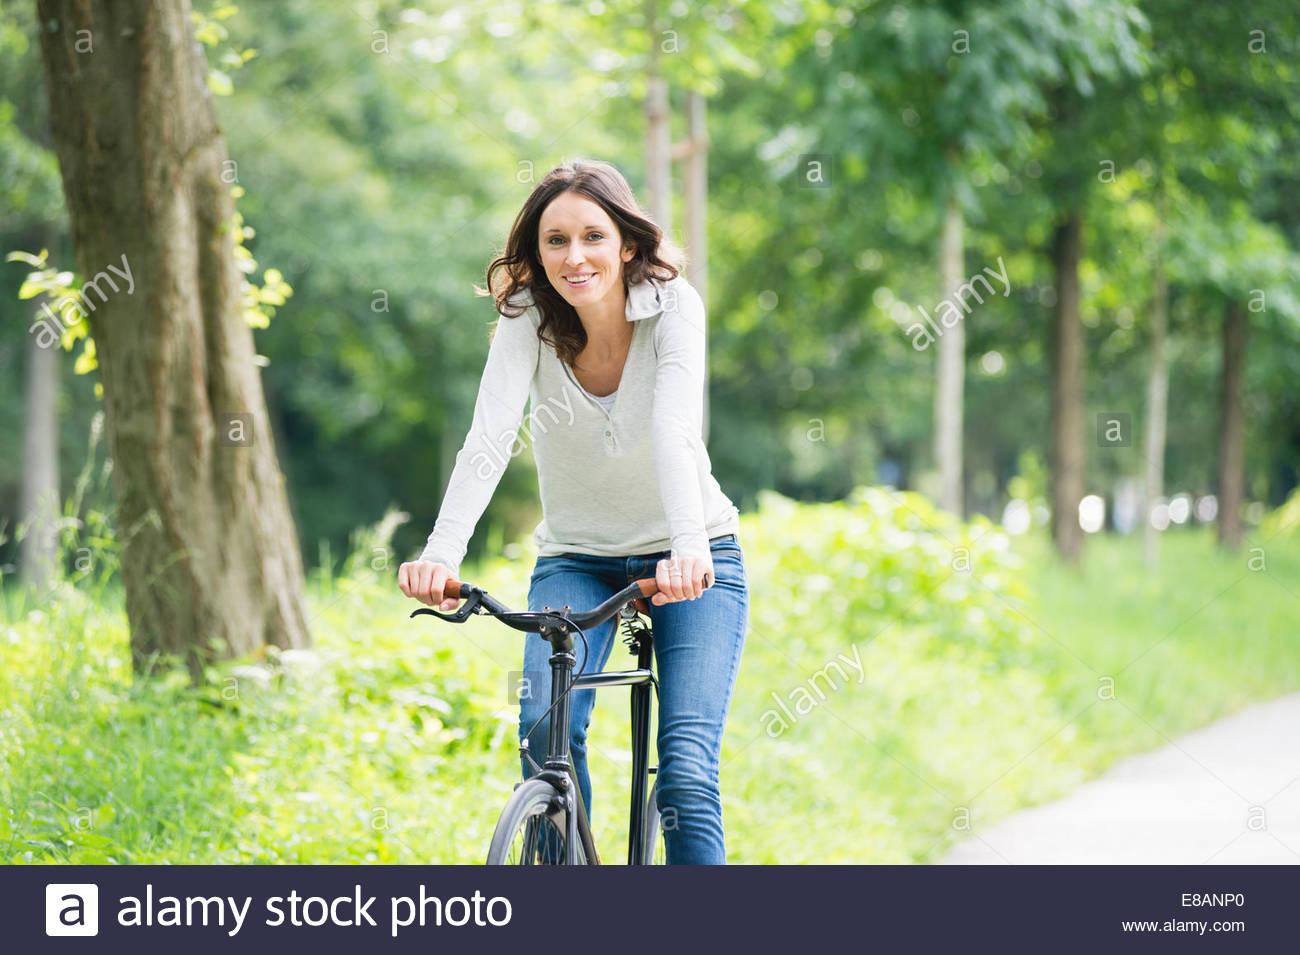 Retrato de mujer adulta mediados de ciclismo en el parque Imagen De Stock